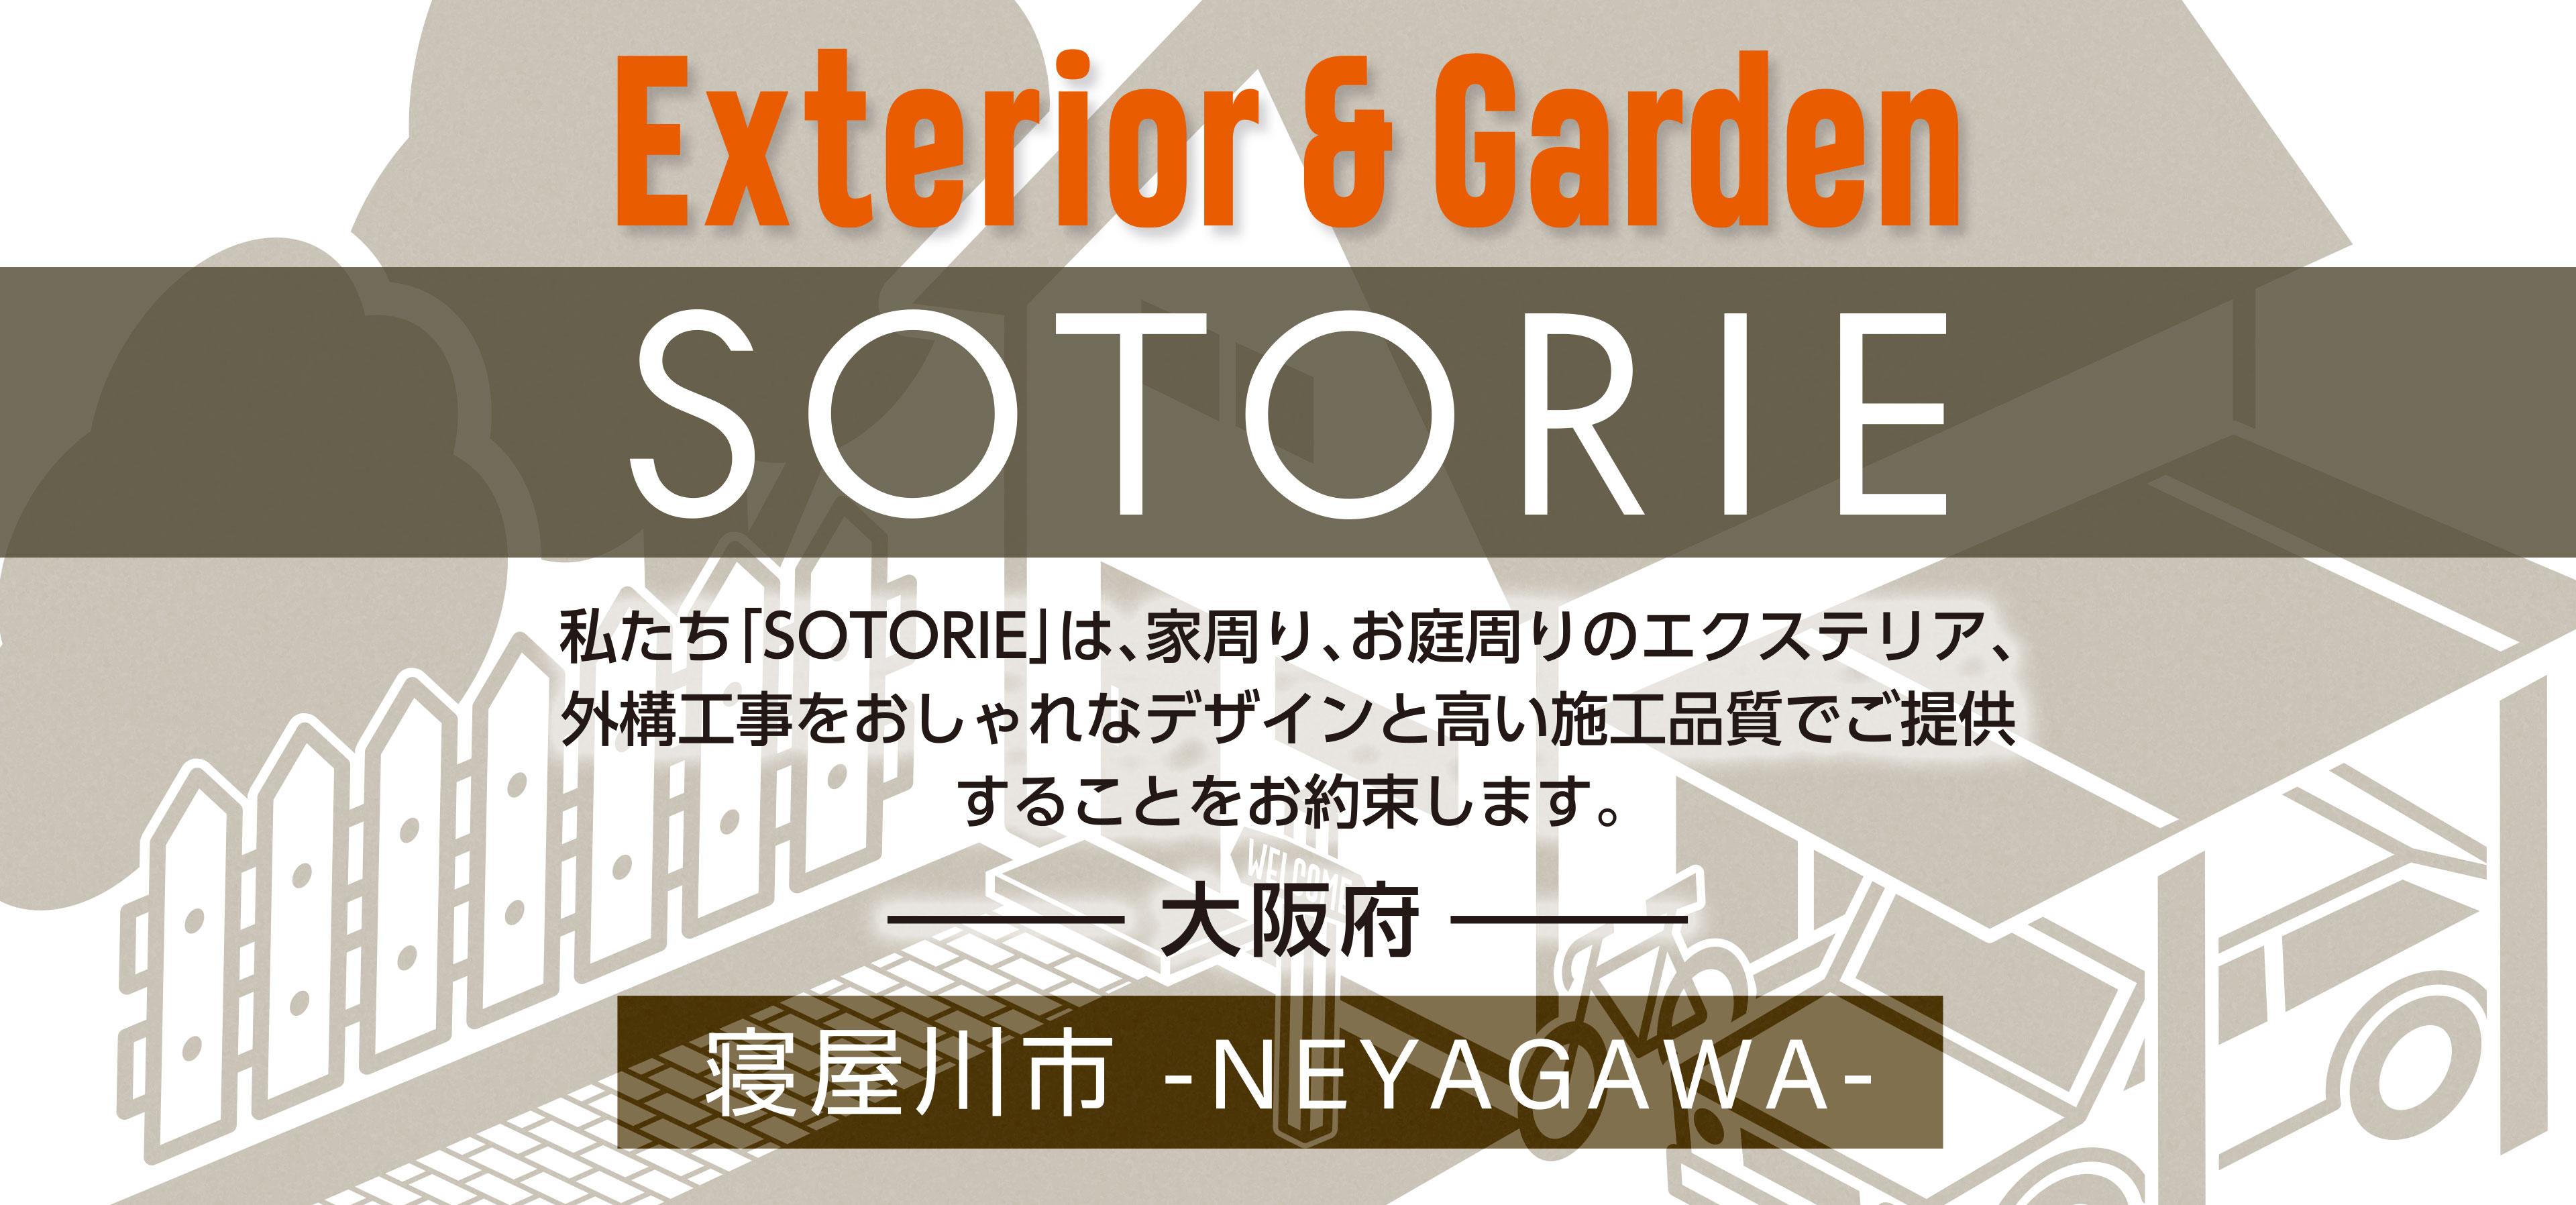 ソトリエ寝屋川市では、家周りと庭周りの外構、エクステリア工事をおしゃれなデザインと高い施工品質でご提供することをお約束します。